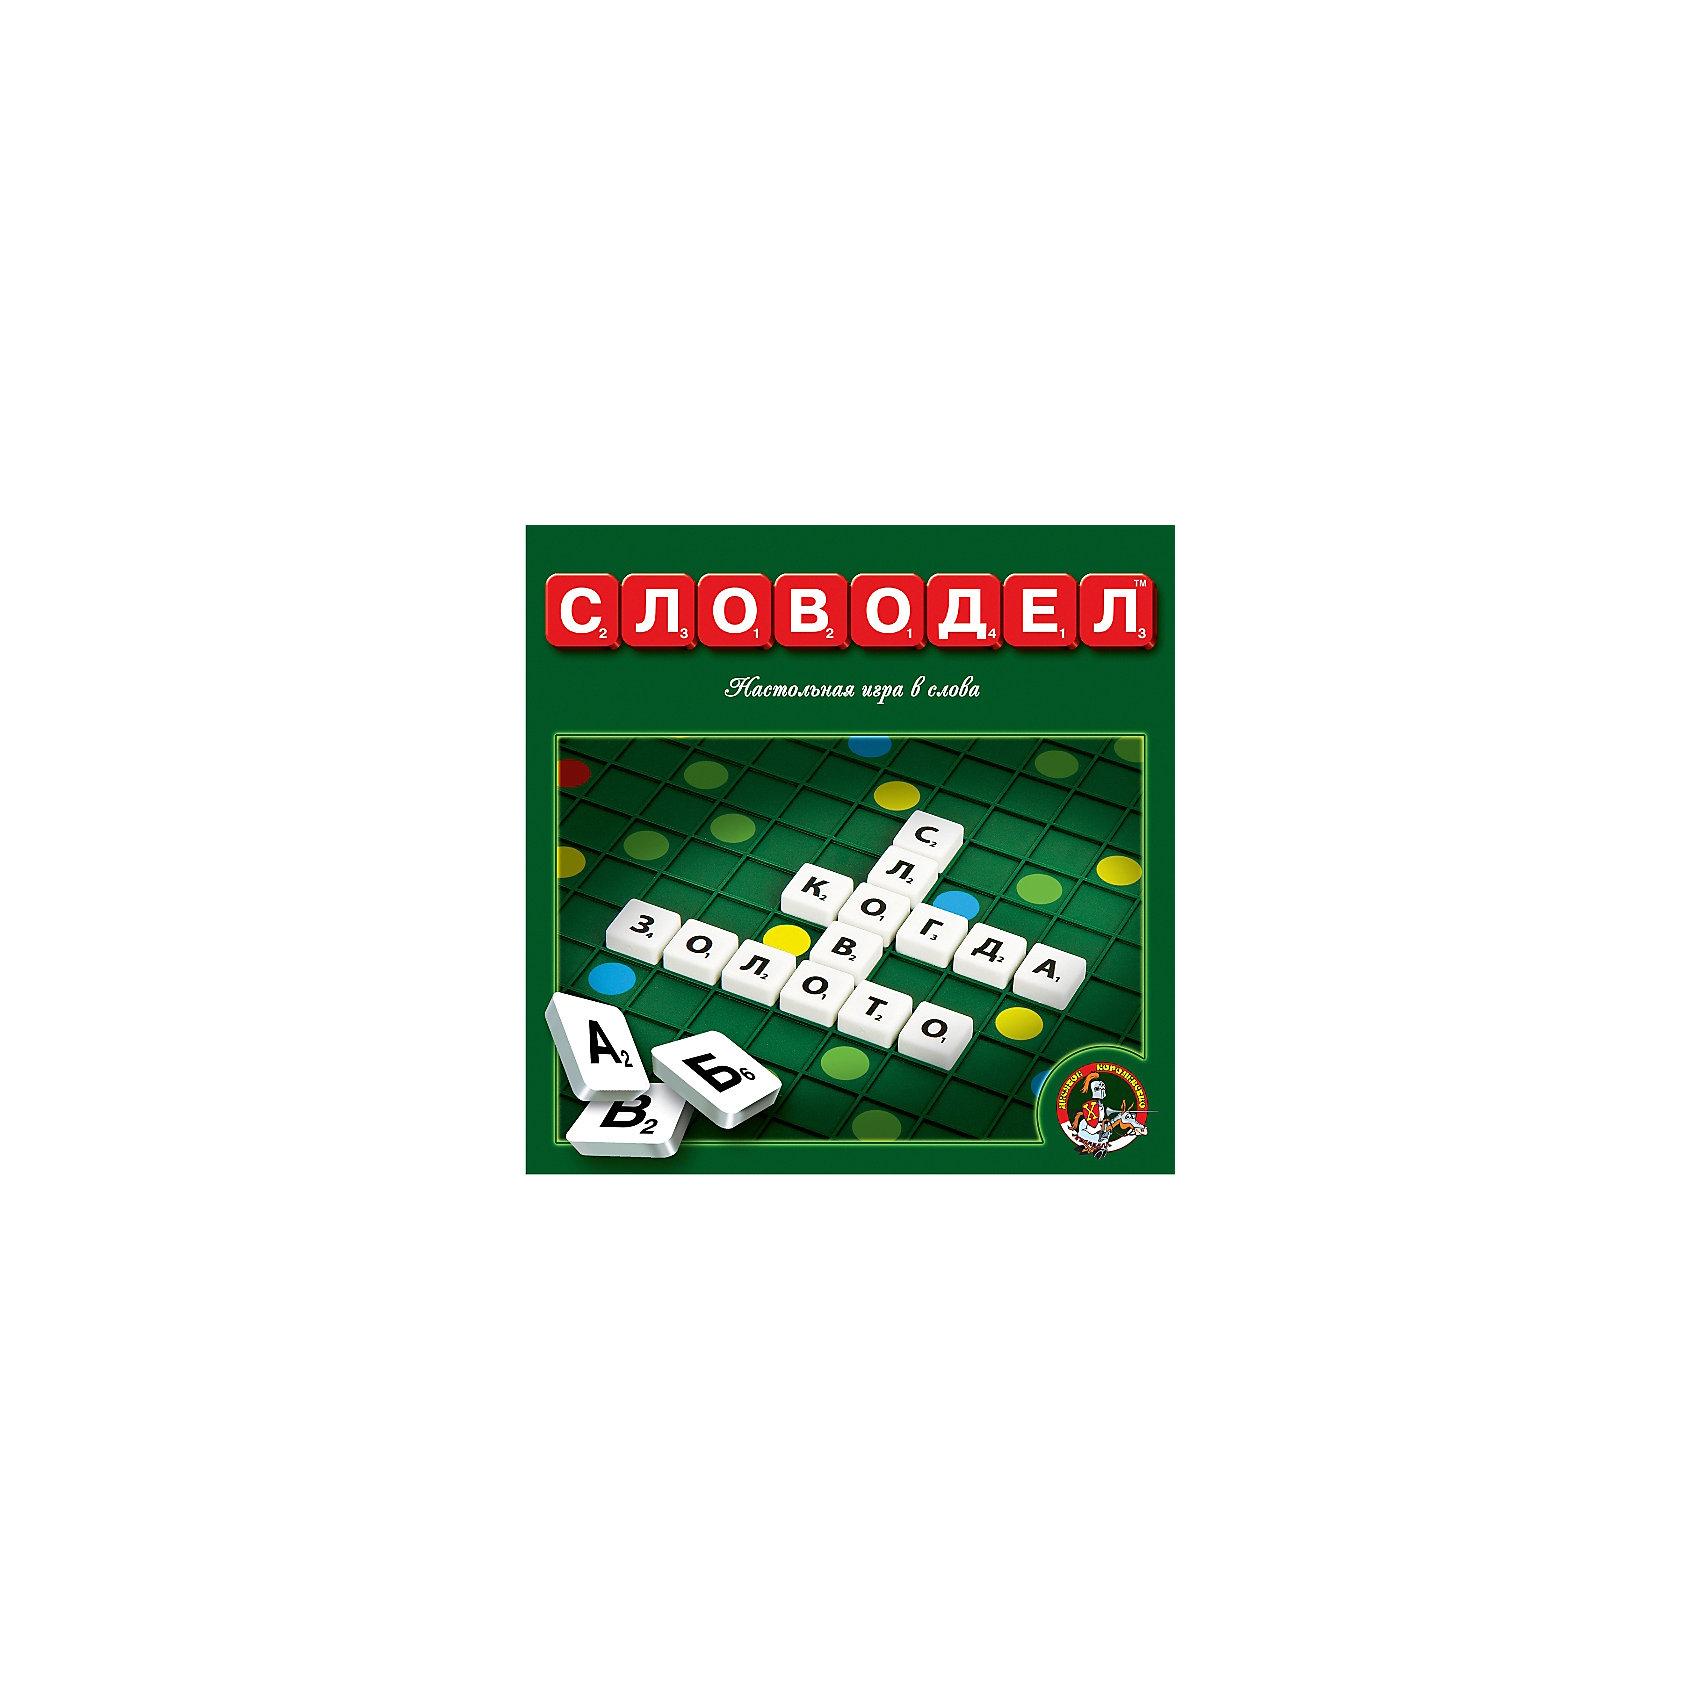 Настольная игра Словодел, Десятое королевствоИгры со словами<br>Настольная игра Словодел, Десятое королевство<br><br>Характеристики: <br><br>• Возраст: от 7 лет<br>• Материал: картон, бумага<br>• Количество участников: от 2<br>• В комплекте: игровое поле из плотного картона, фишки пластмассовые 120 штук, дополнительные фишки 10 штук<br><br>В этой игре необходимо соревноваться, подбирая как можно более длинные слова и зарабатывая на этом очки. В нее можно играть вместе с детьми и в ходе игры помочь ребенку узнать новые слова, развить словарный запас и повысить уровень грамотности. <br><br>Игрушка сделана из пластика и картона и содержит в наборе игровое поле, пластмассовые фишки в количестве 120 штук, а также 10 дополнительных фишек. Игра Словодел - это отличный способ в игровой и развлекательной форме повысить общую эрудицию вашего ребенка.<br><br>Настольная игра Словодел, Десятое королевство можно купить в нашем интернет-магазине.<br><br>Ширина мм: 240<br>Глубина мм: 240<br>Высота мм: 25<br>Вес г: 448<br>Возраст от месяцев: 36<br>Возраст до месяцев: 60<br>Пол: Унисекс<br>Возраст: Детский<br>SKU: 5473749